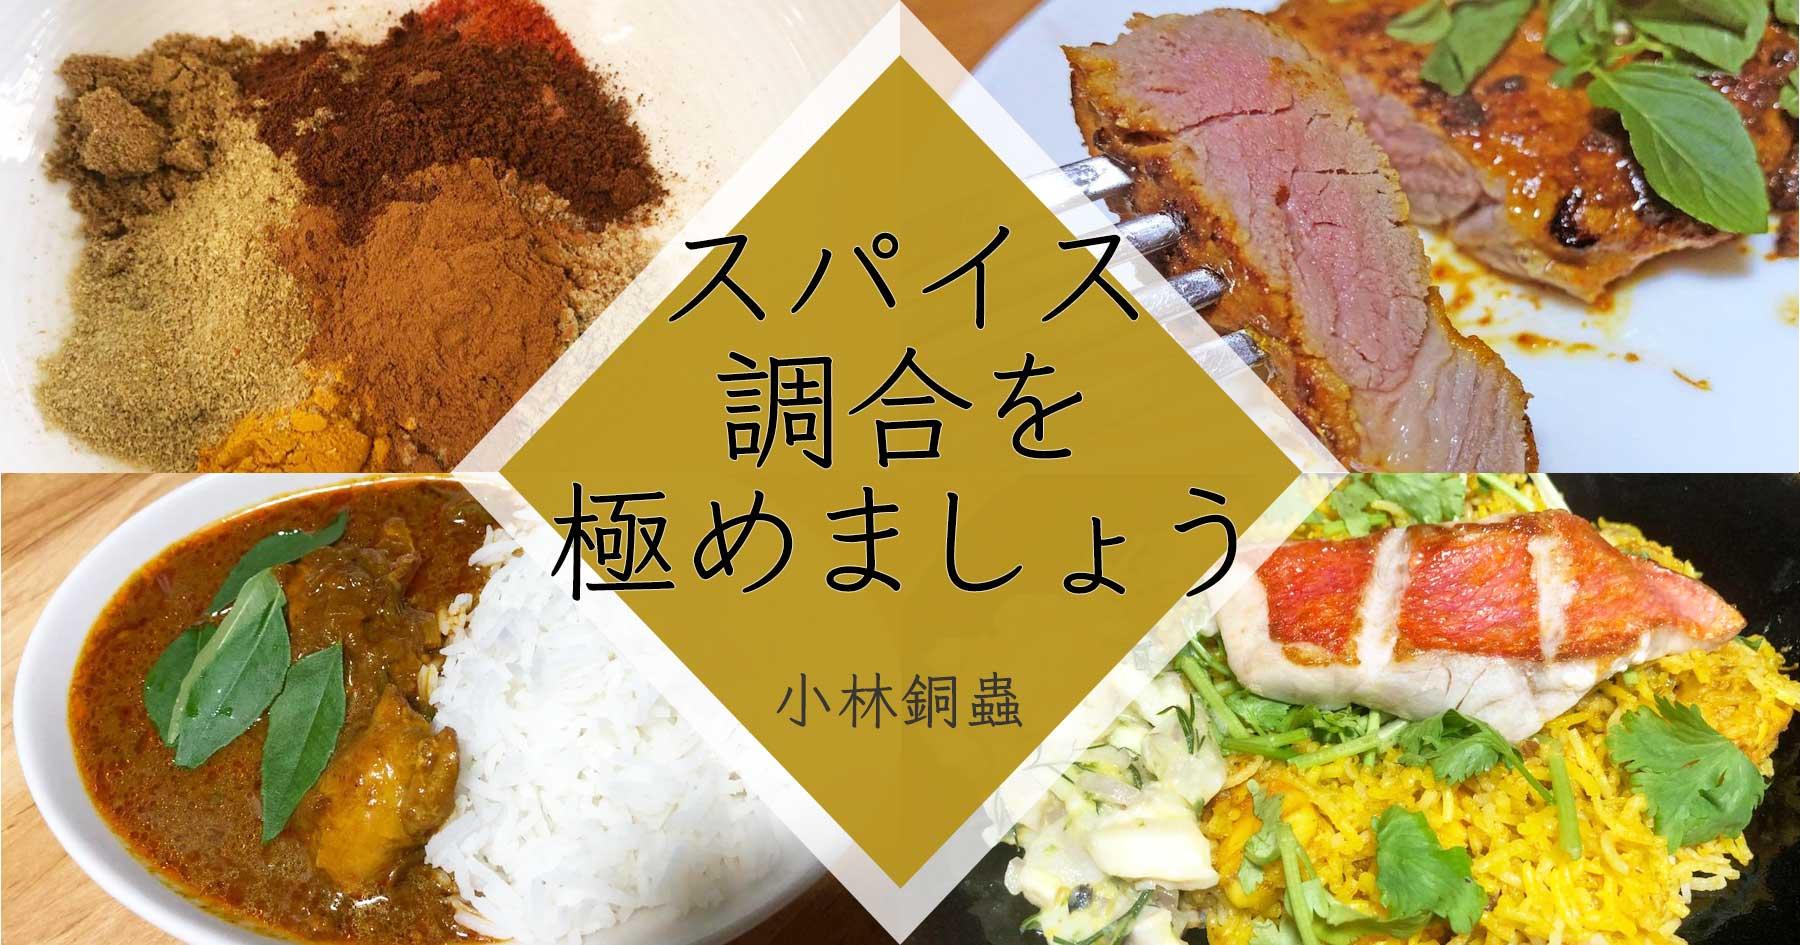 カレースパイス調合の基本から、スパイスカレーや肉のスパイス漬けを極める(小林銅蟲/イナダシュンスケ)